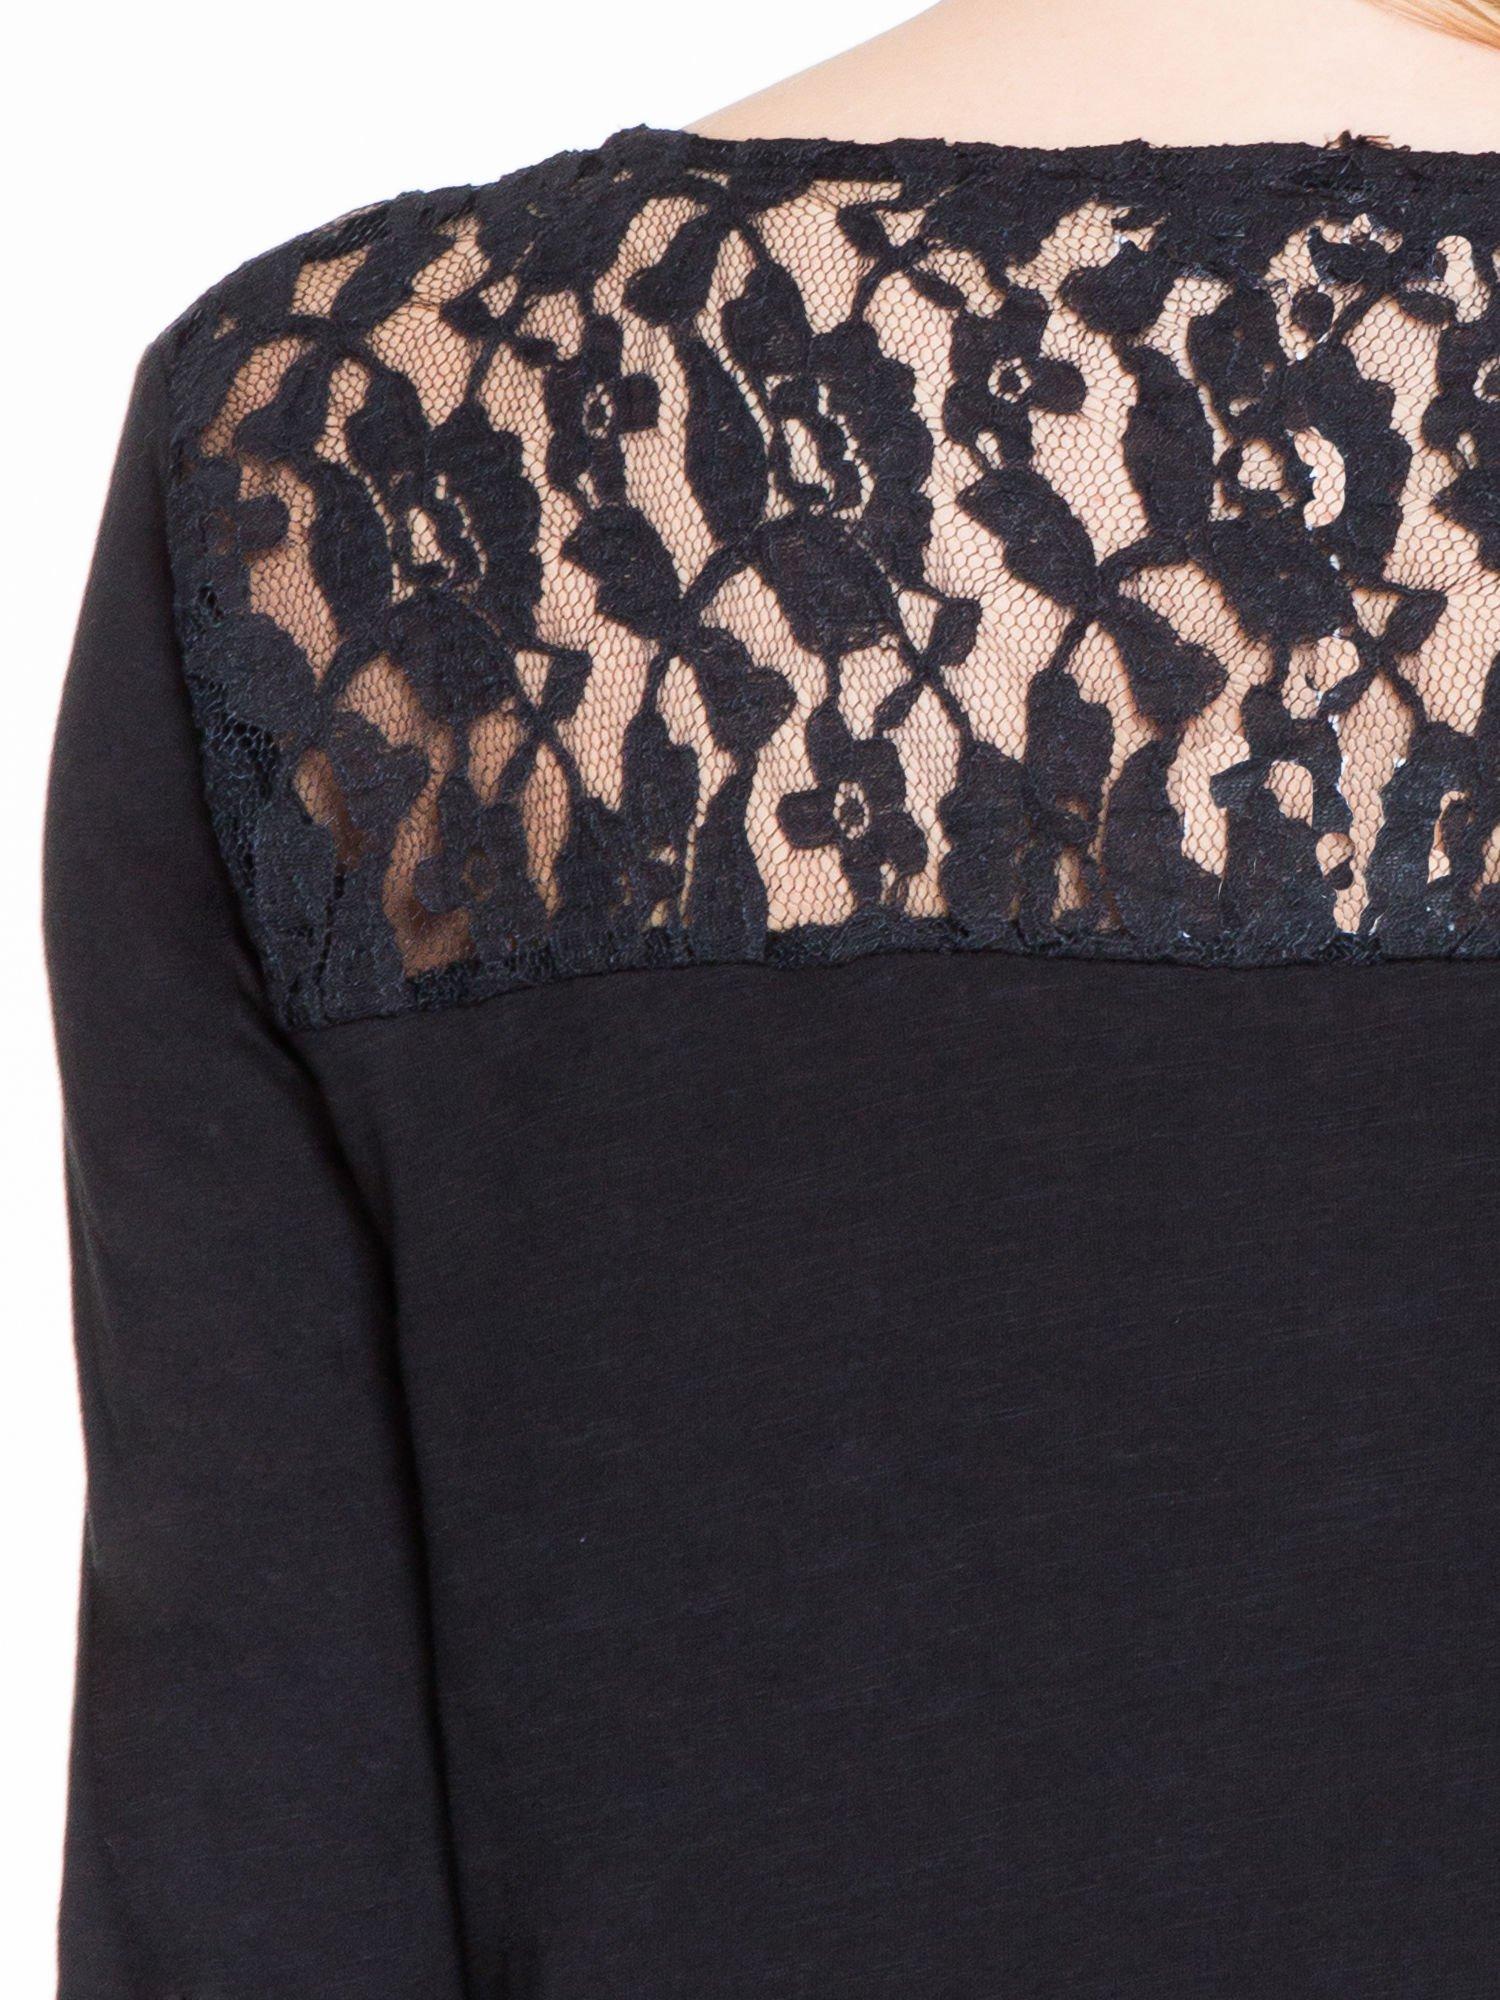 Czarna bluzka z koronkowym karczkiem                                  zdj.                                  7